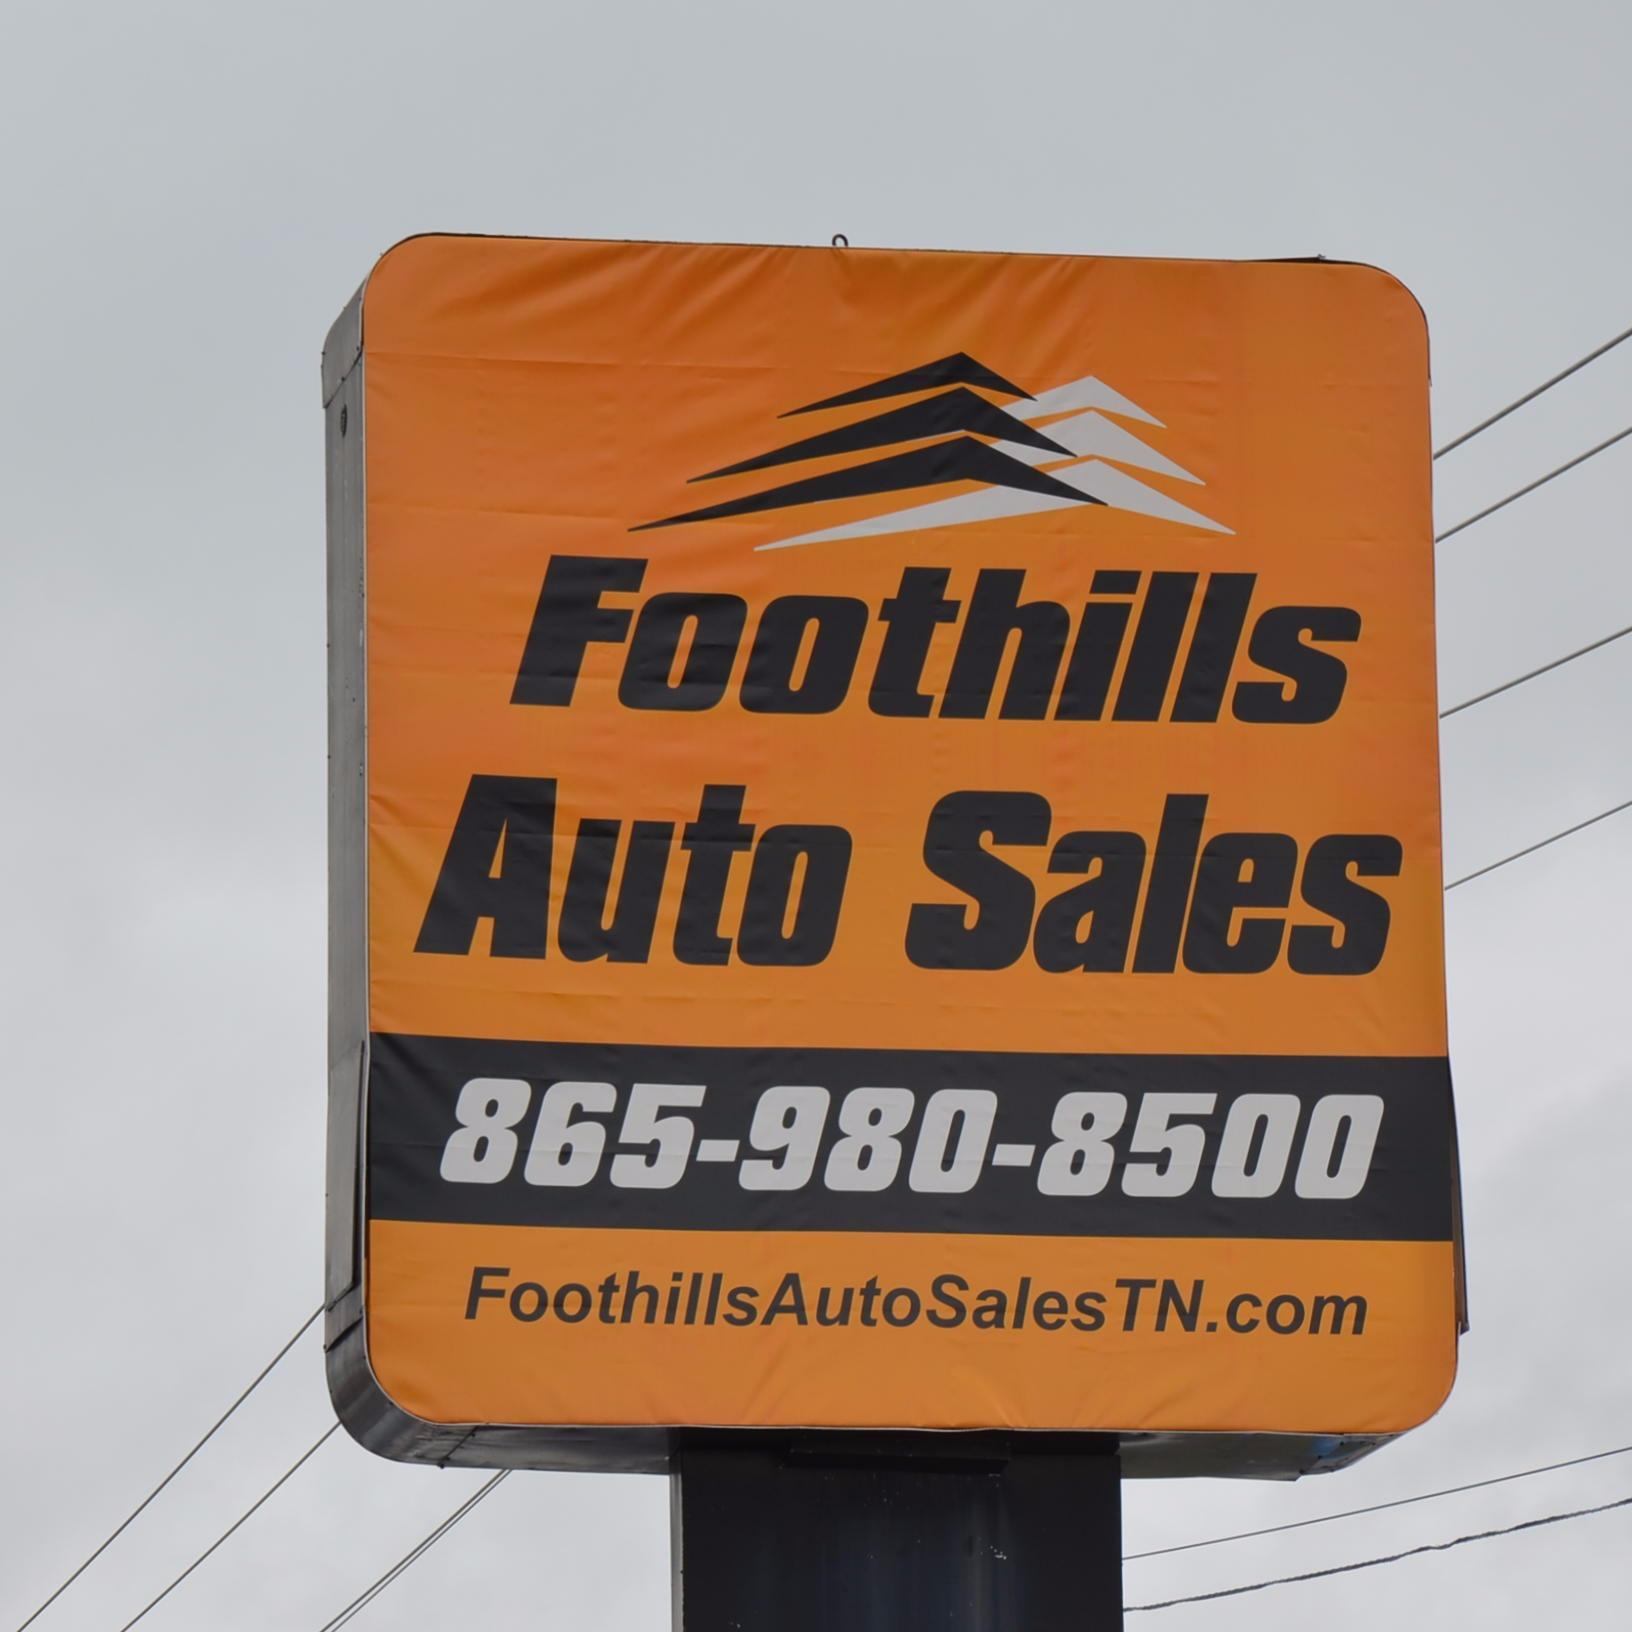 Foothills Auto Sales 2617 Highway 411 S Maryville, TN Auto